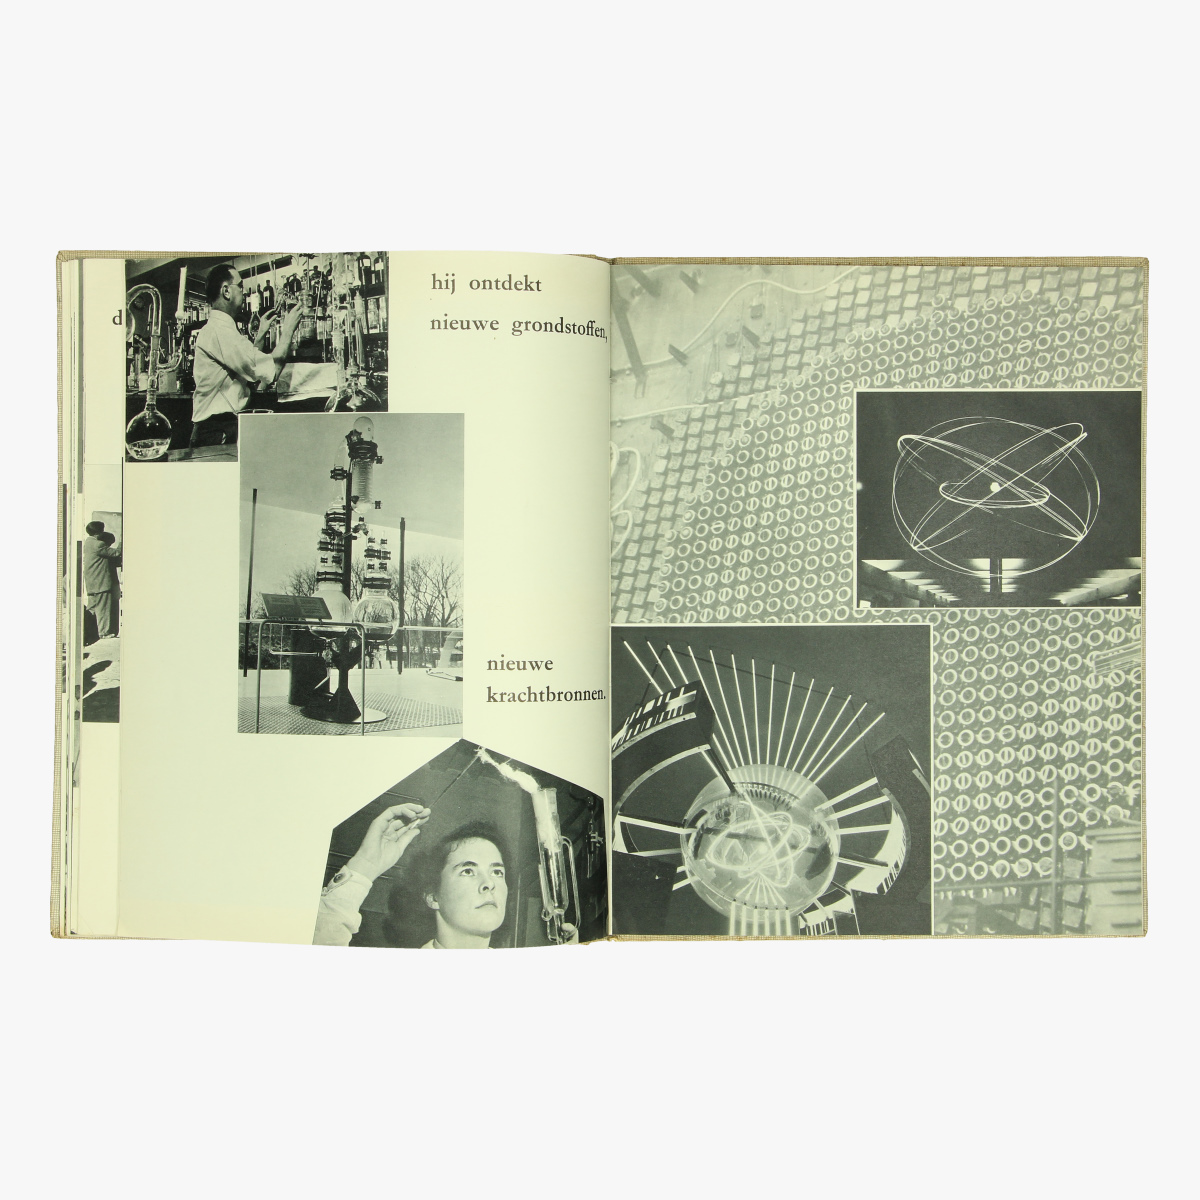 Afbeeldingen van expo 58 boek voor een humaner wereld boodschap aan de jeugd